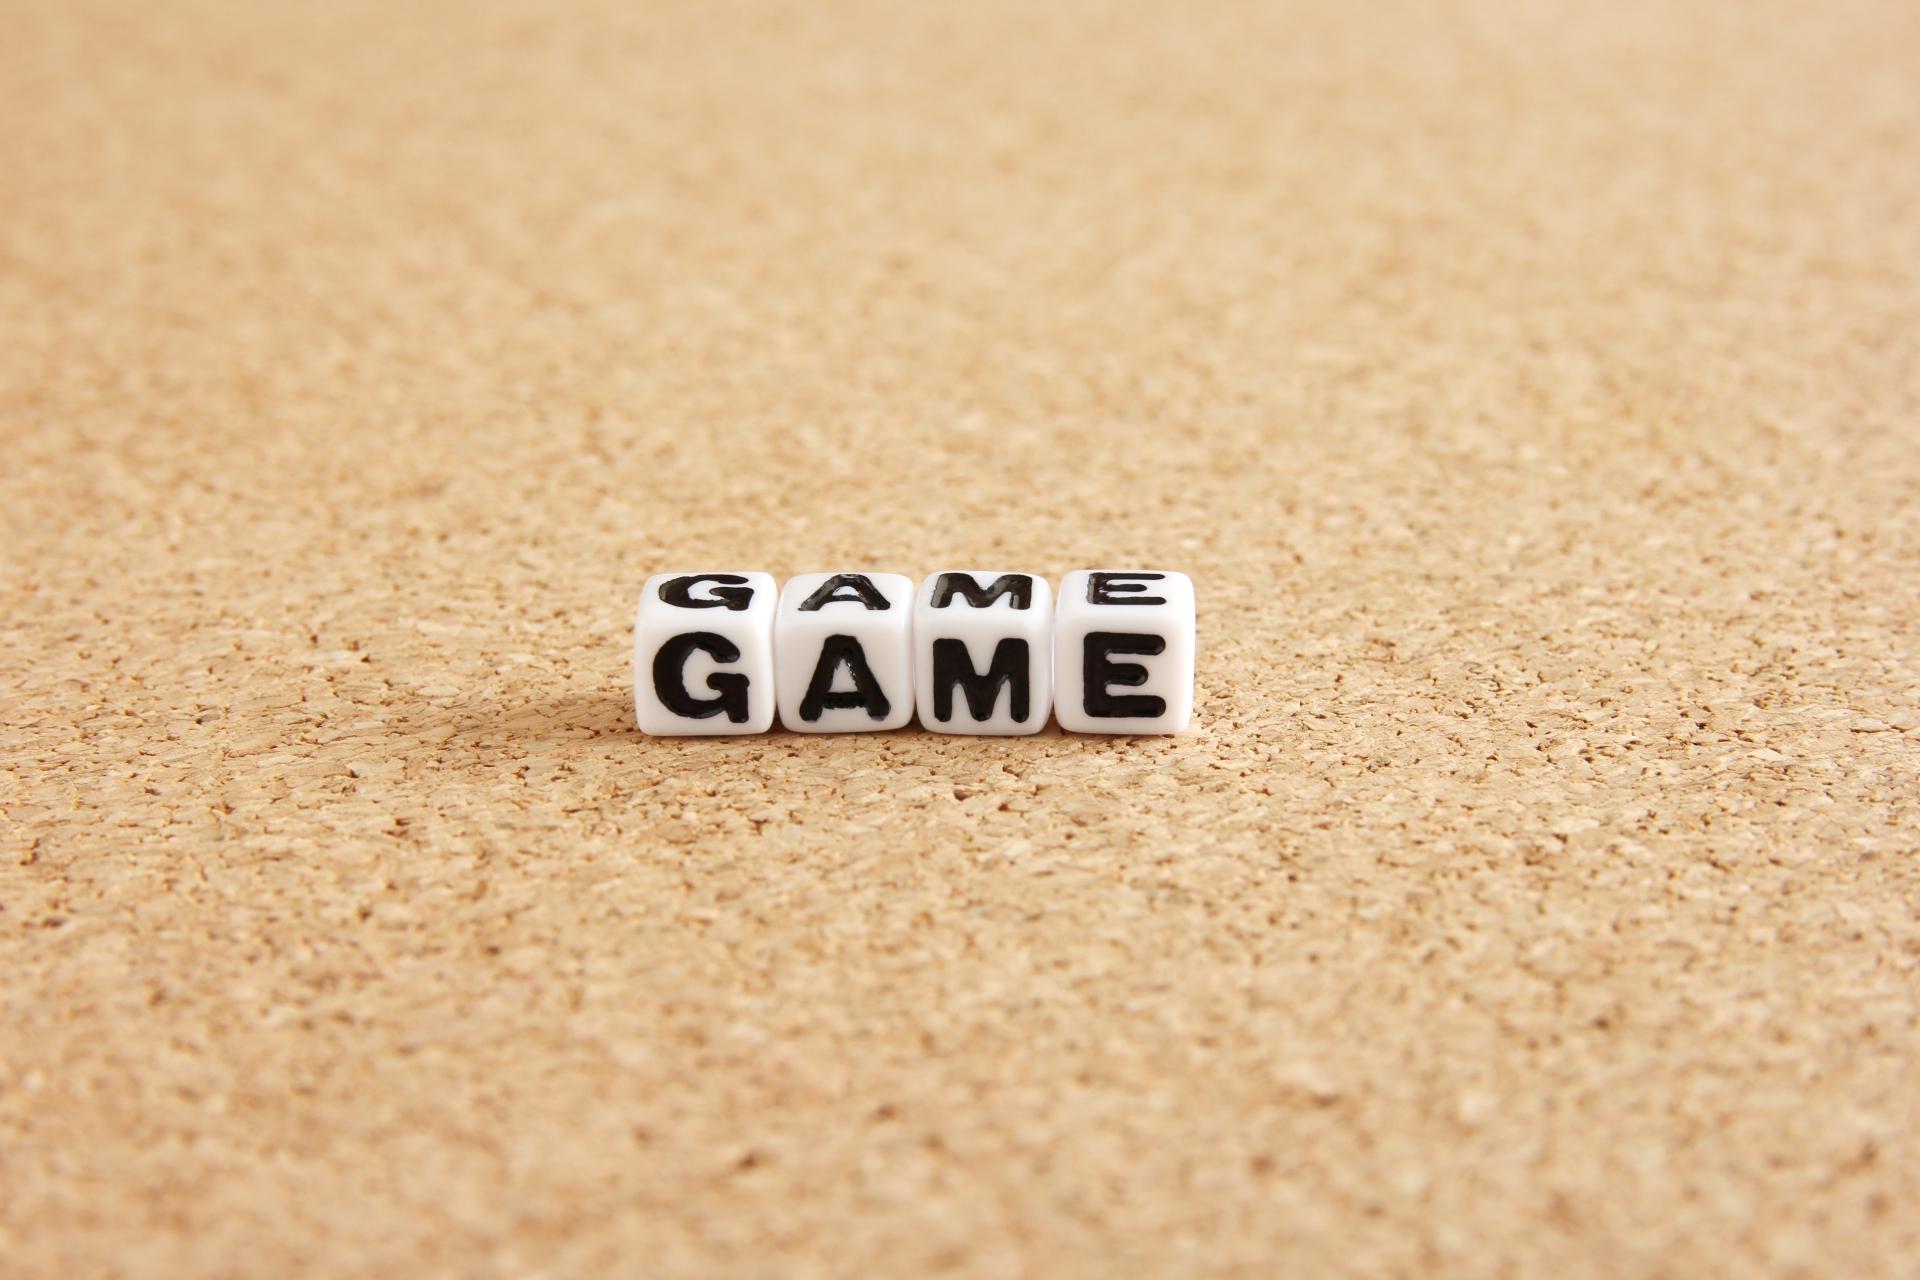 楽しく論理学を学ぶ。論理パズルでゲーム感覚で楽しむ論理学の世界。